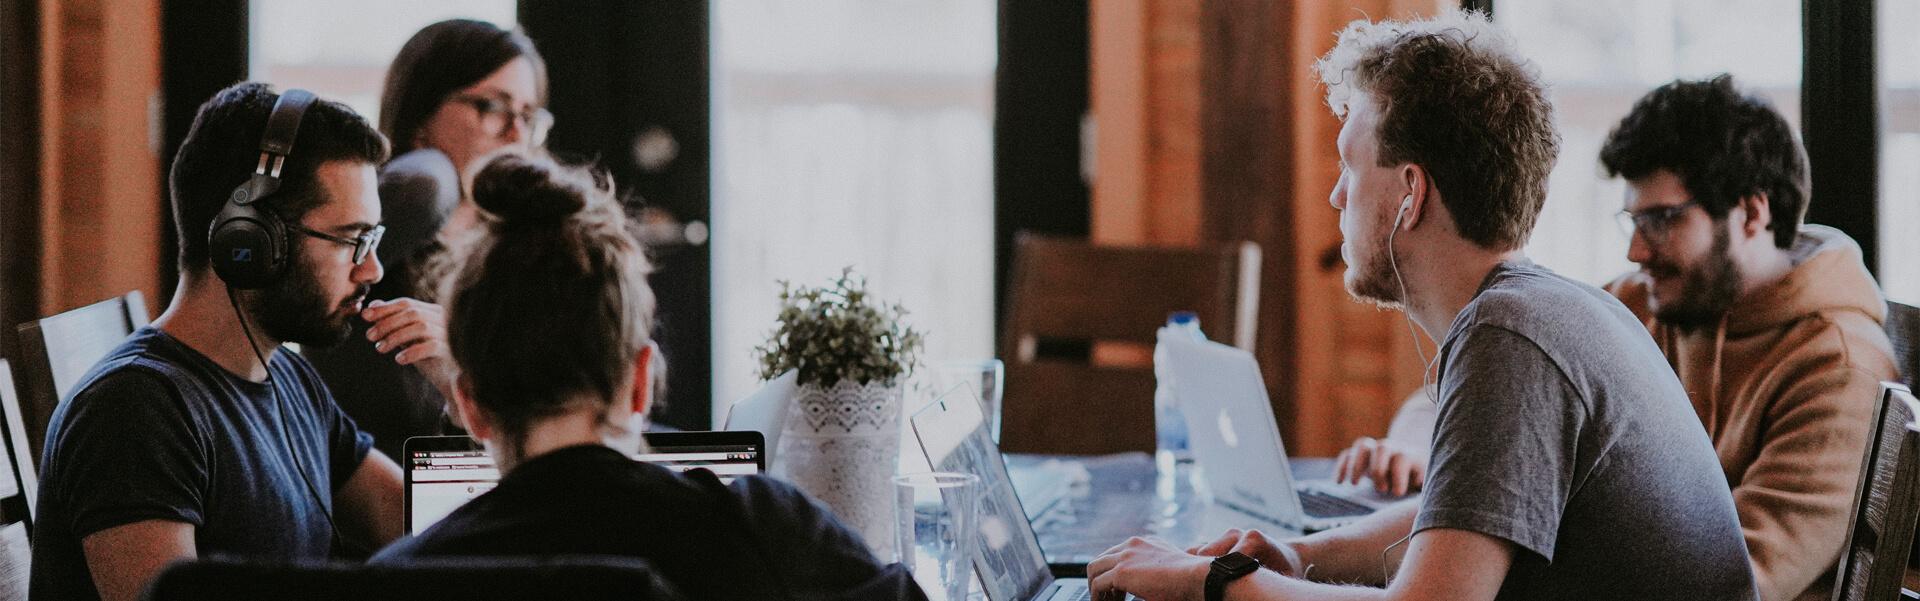 Salesforce Financial Services Cloud Partner